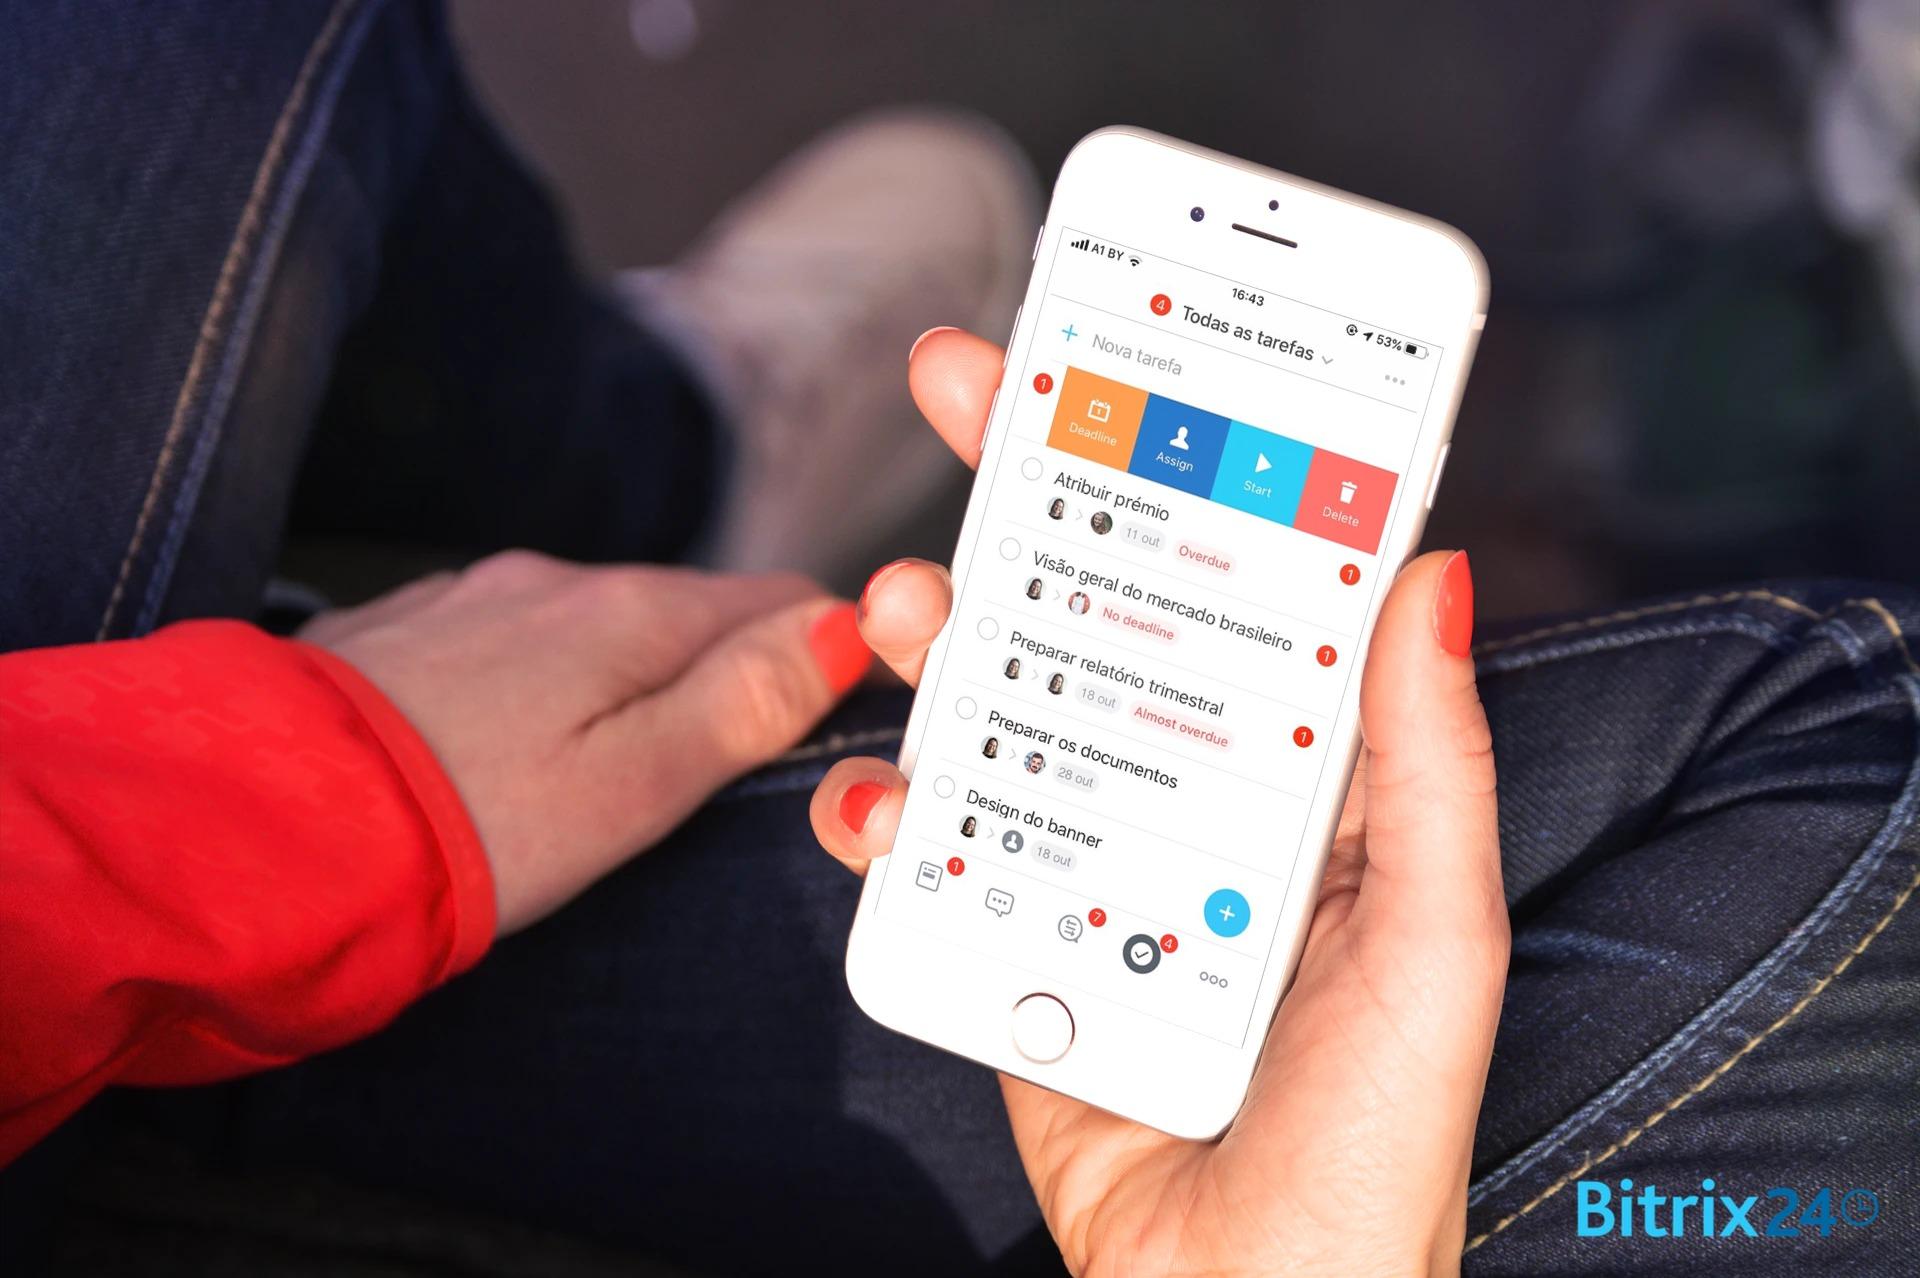 Atualização de tarefas no aplicativo móvel